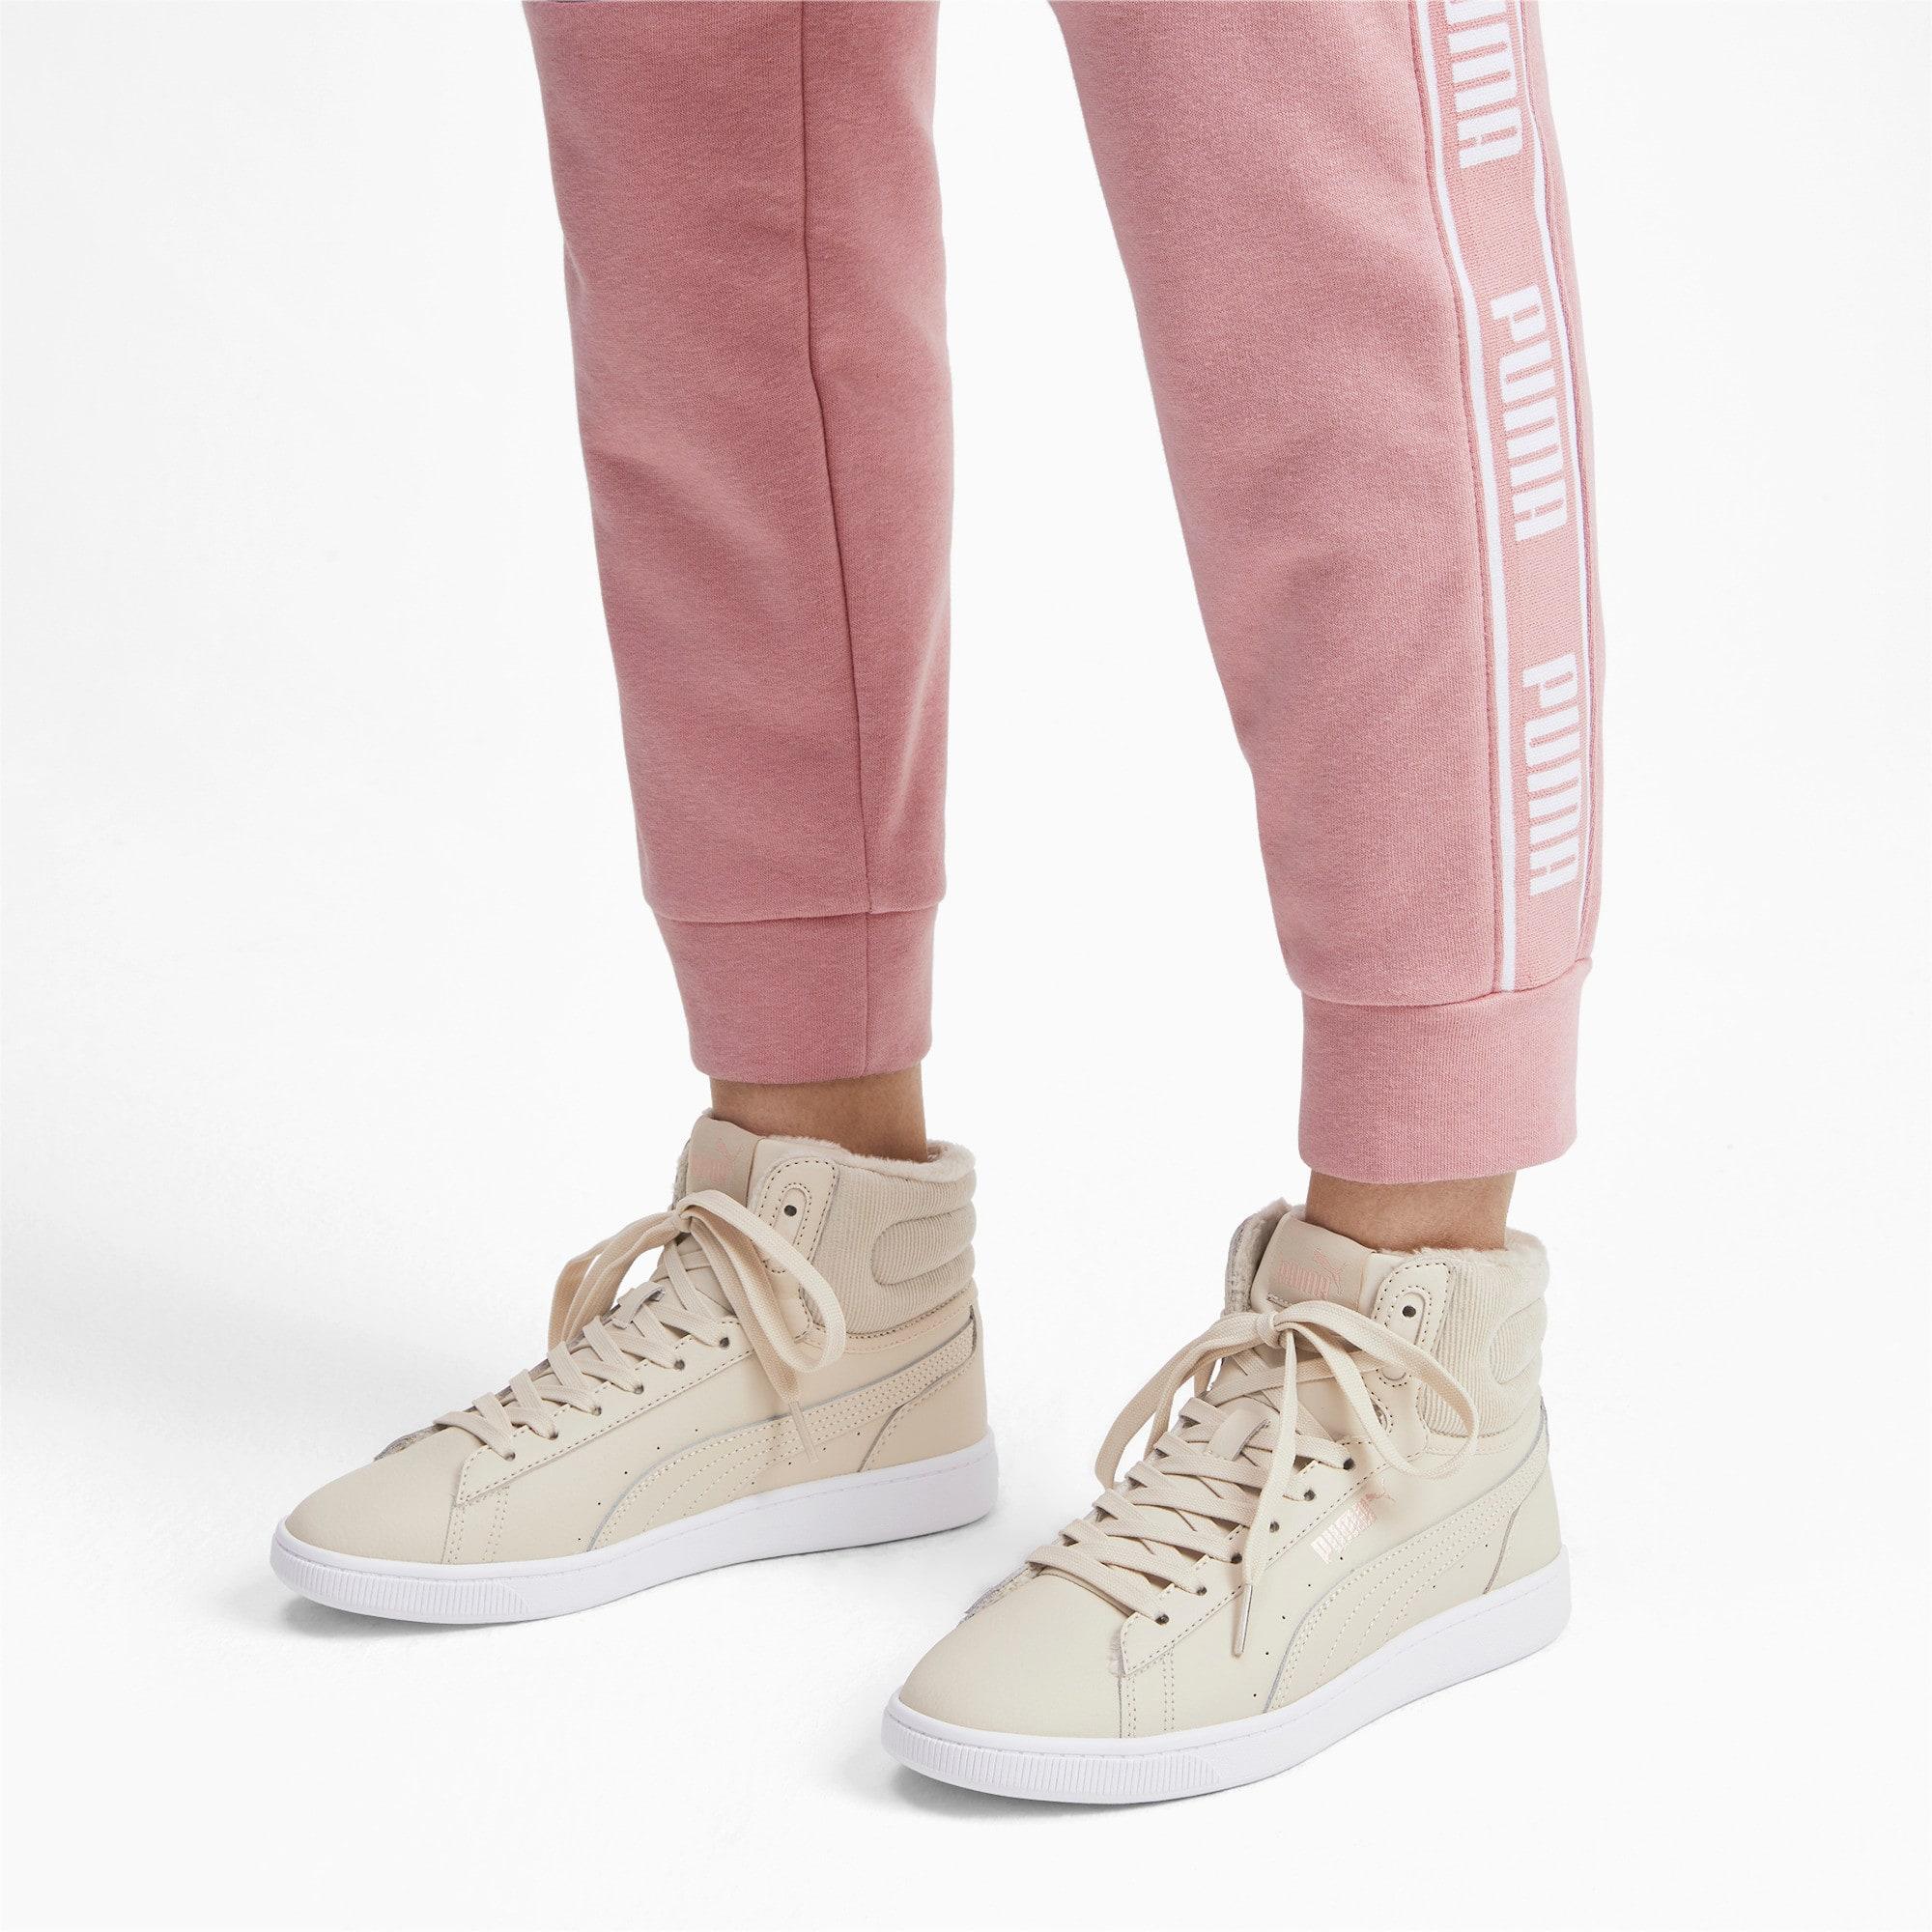 Thumbnail 2 of PUMA Vikky v2 Mid Winter Women's Sneakers, Overcast-Rose Gold-White, medium